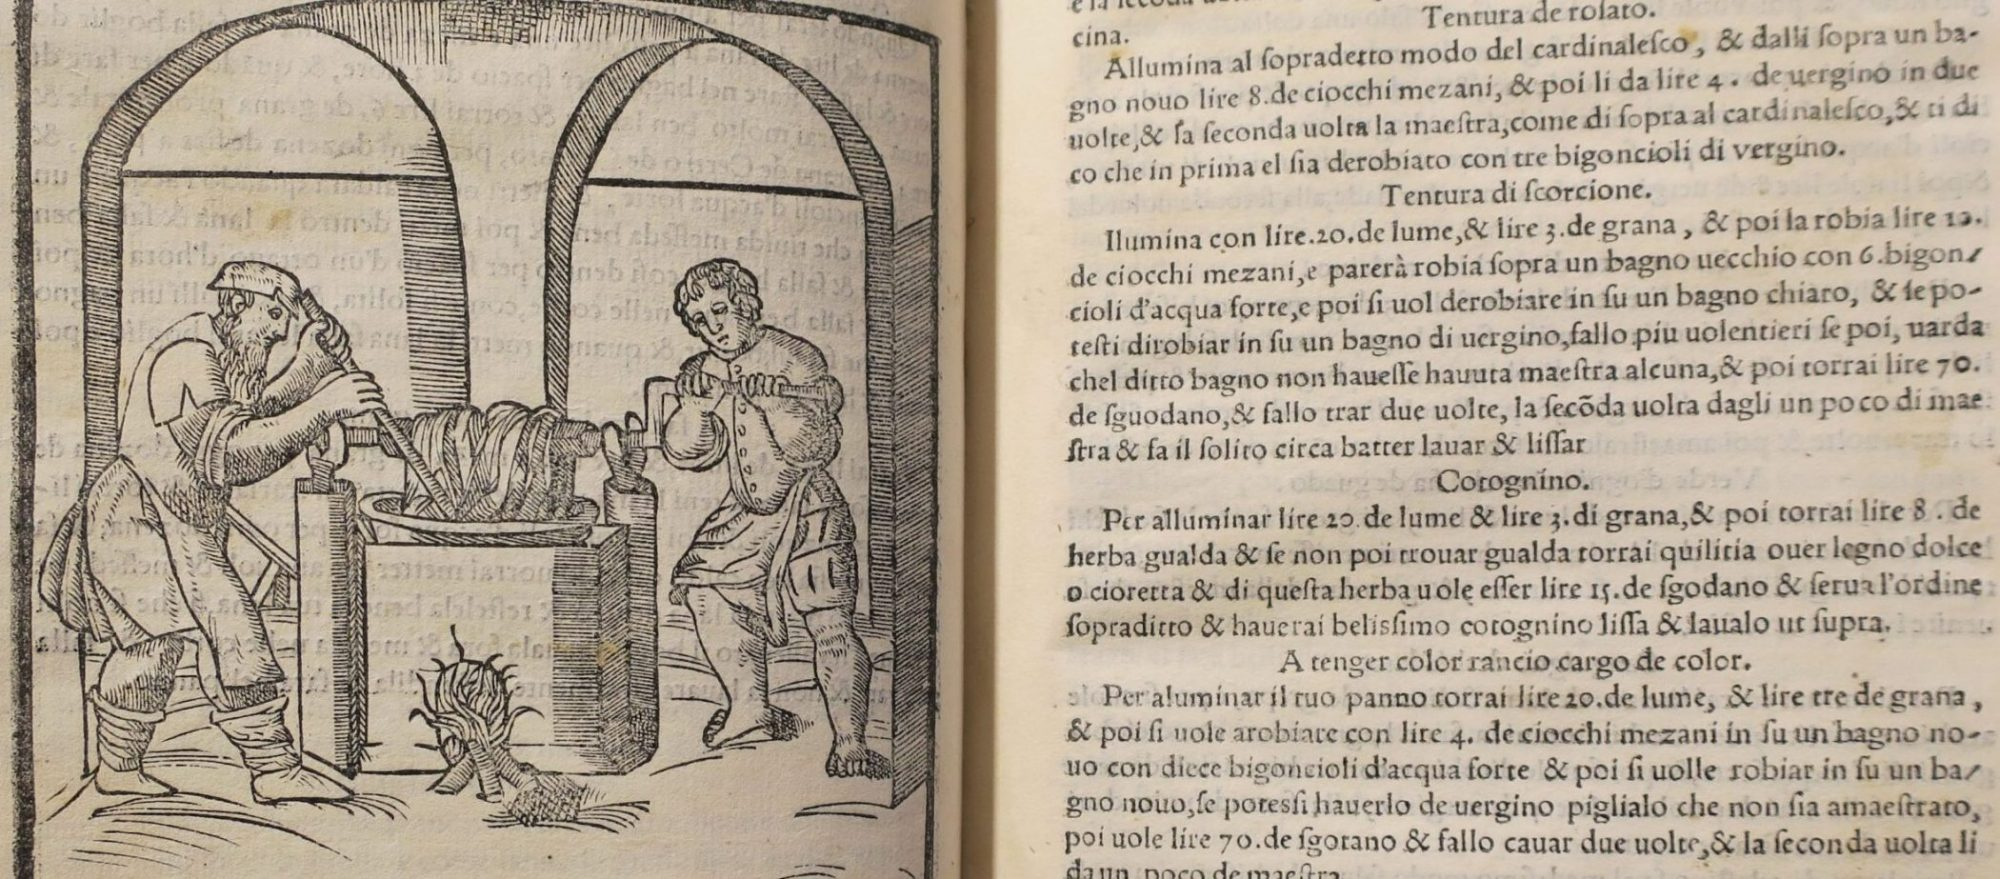 Plichto - oudeste boek uit de bibliotheek